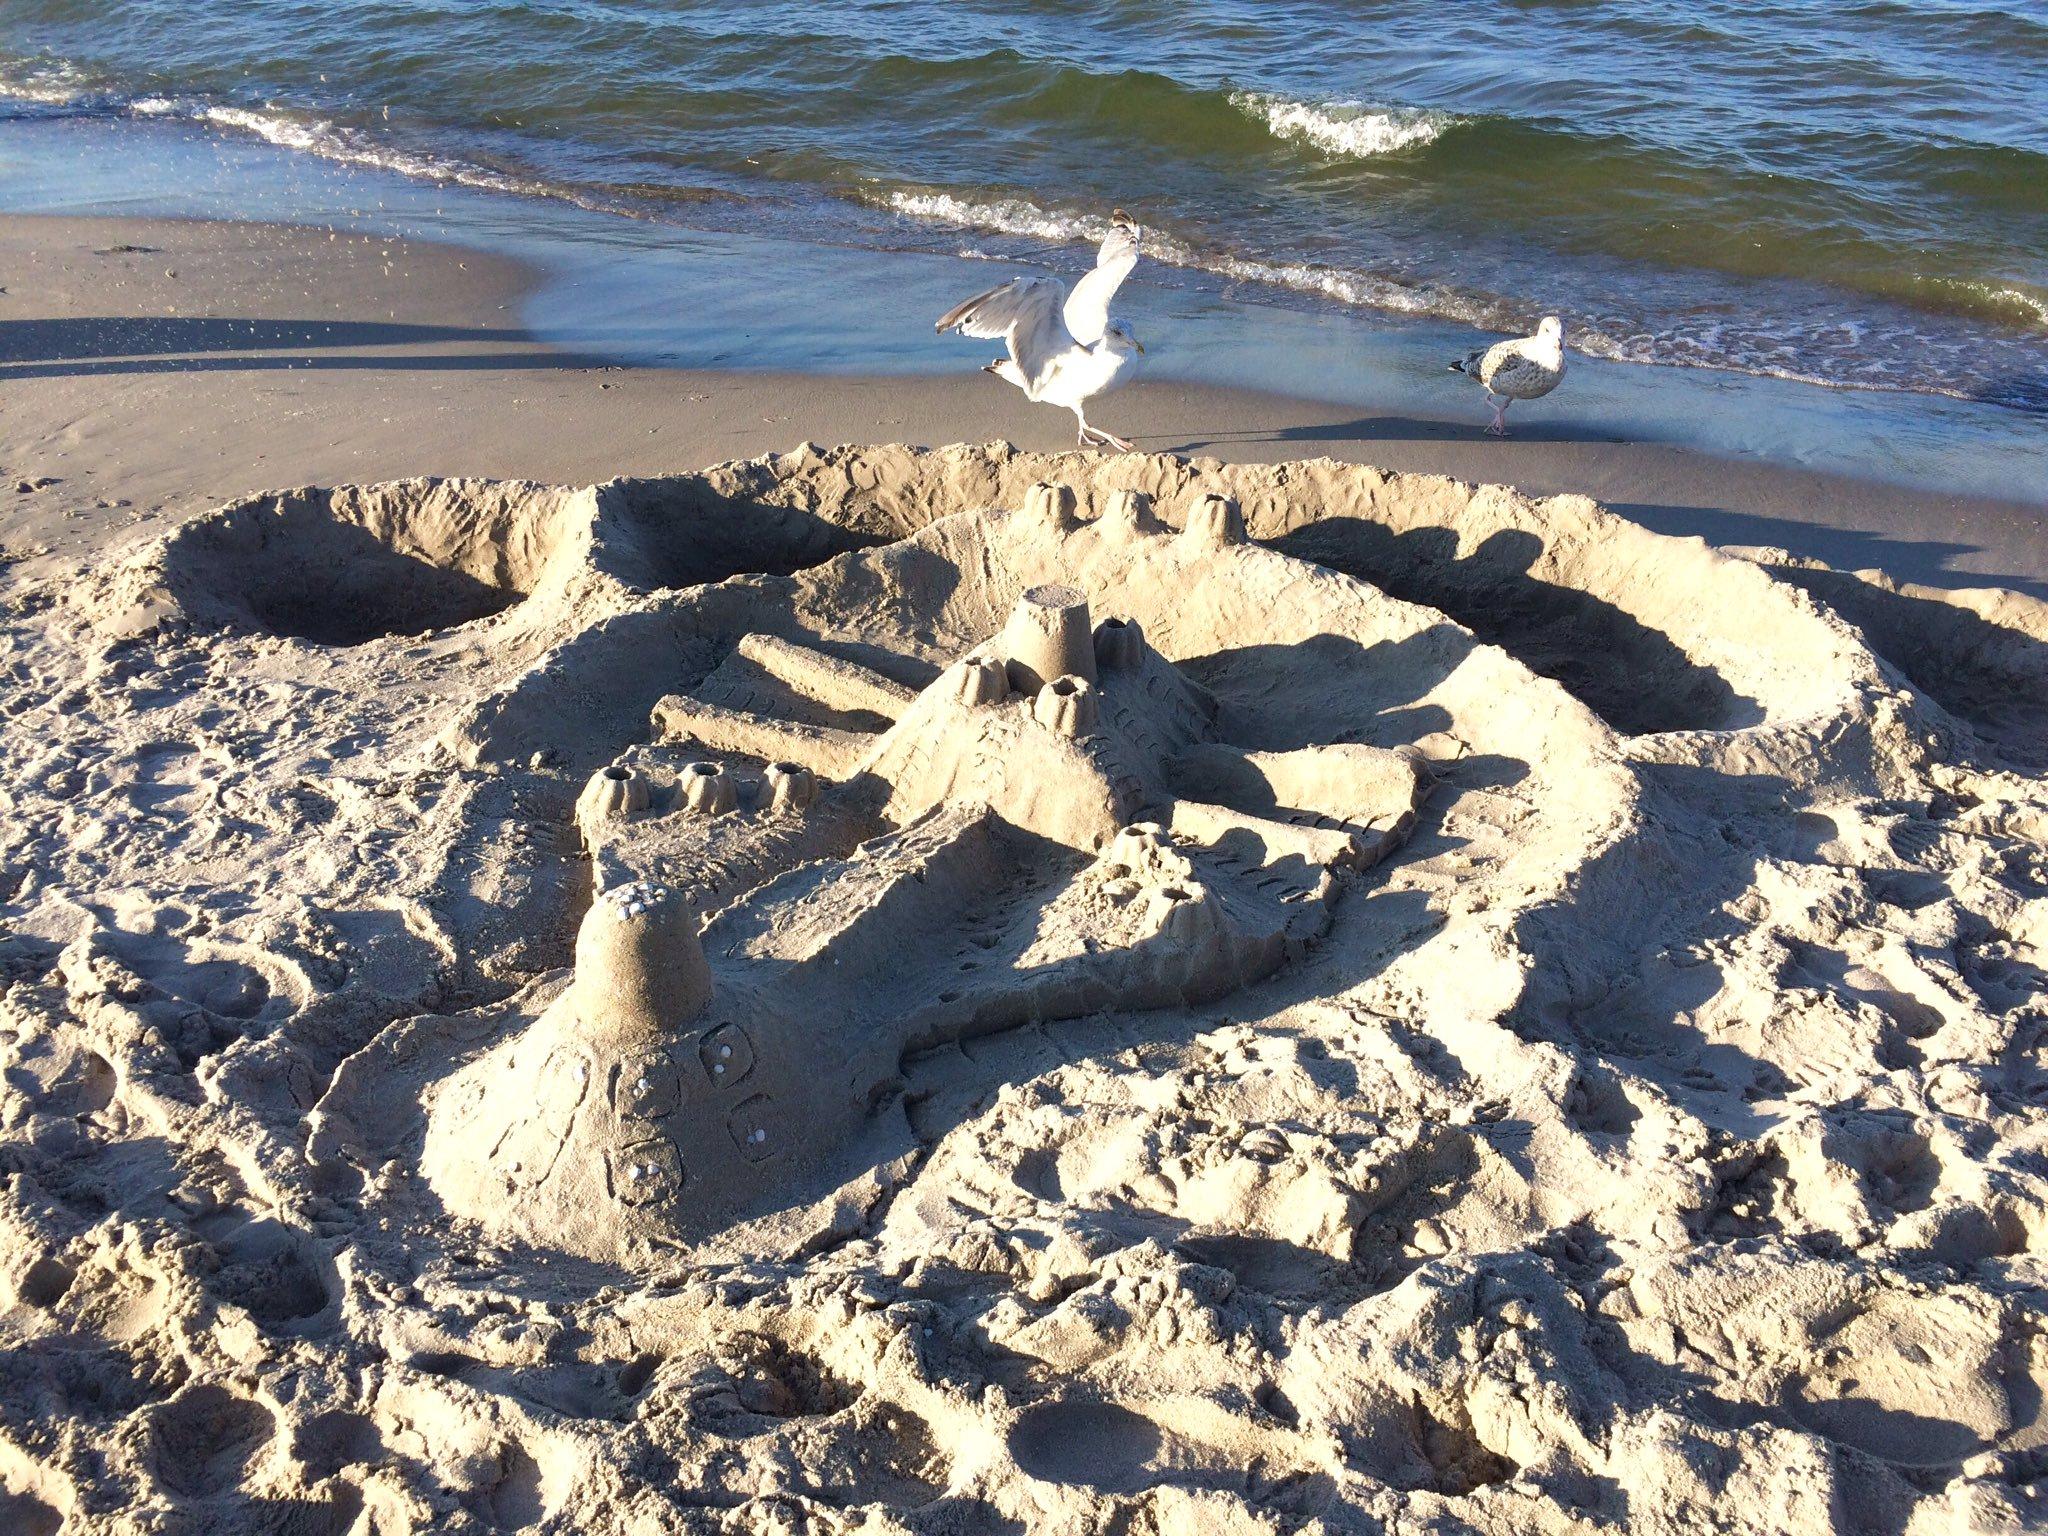 Eine von zahlreichen Sandburgen am Strand von Binz auf Rügen.